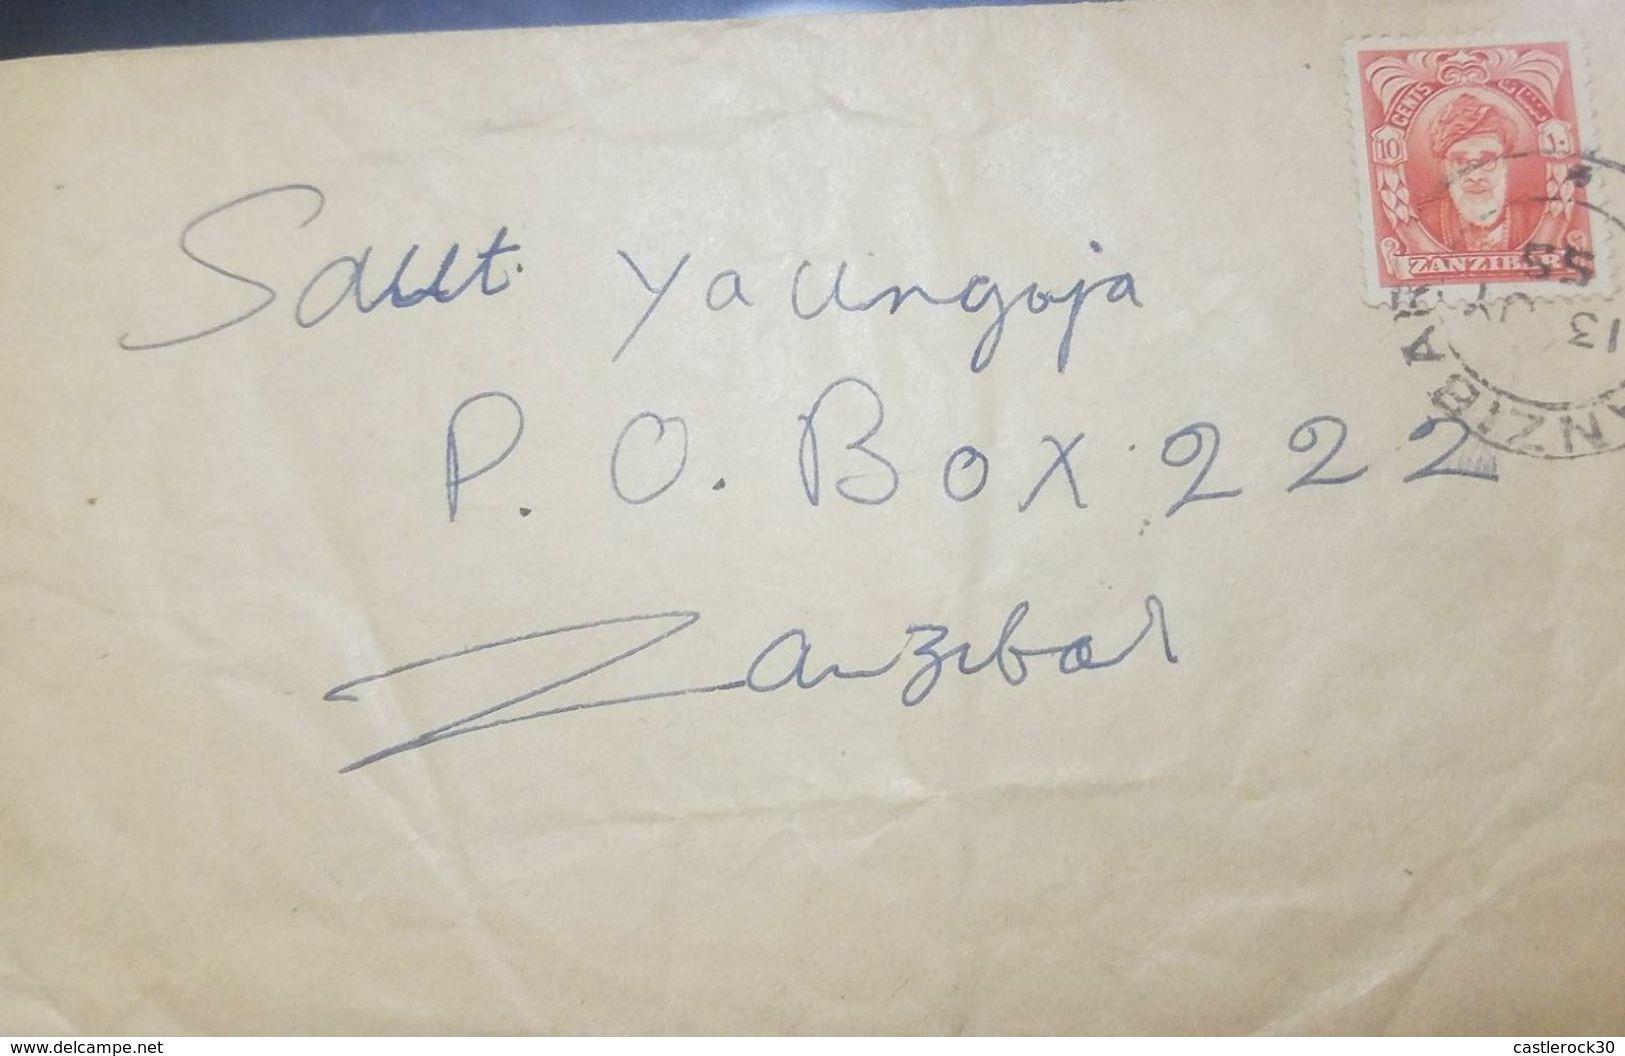 L) 1955 ZANZIBAR, SULTAN KALIF BIN HARUB, NINTH SULTAN, CIRCULATED COVER IN ZANZIBAR, XF - Zanzibar (1963-1968)